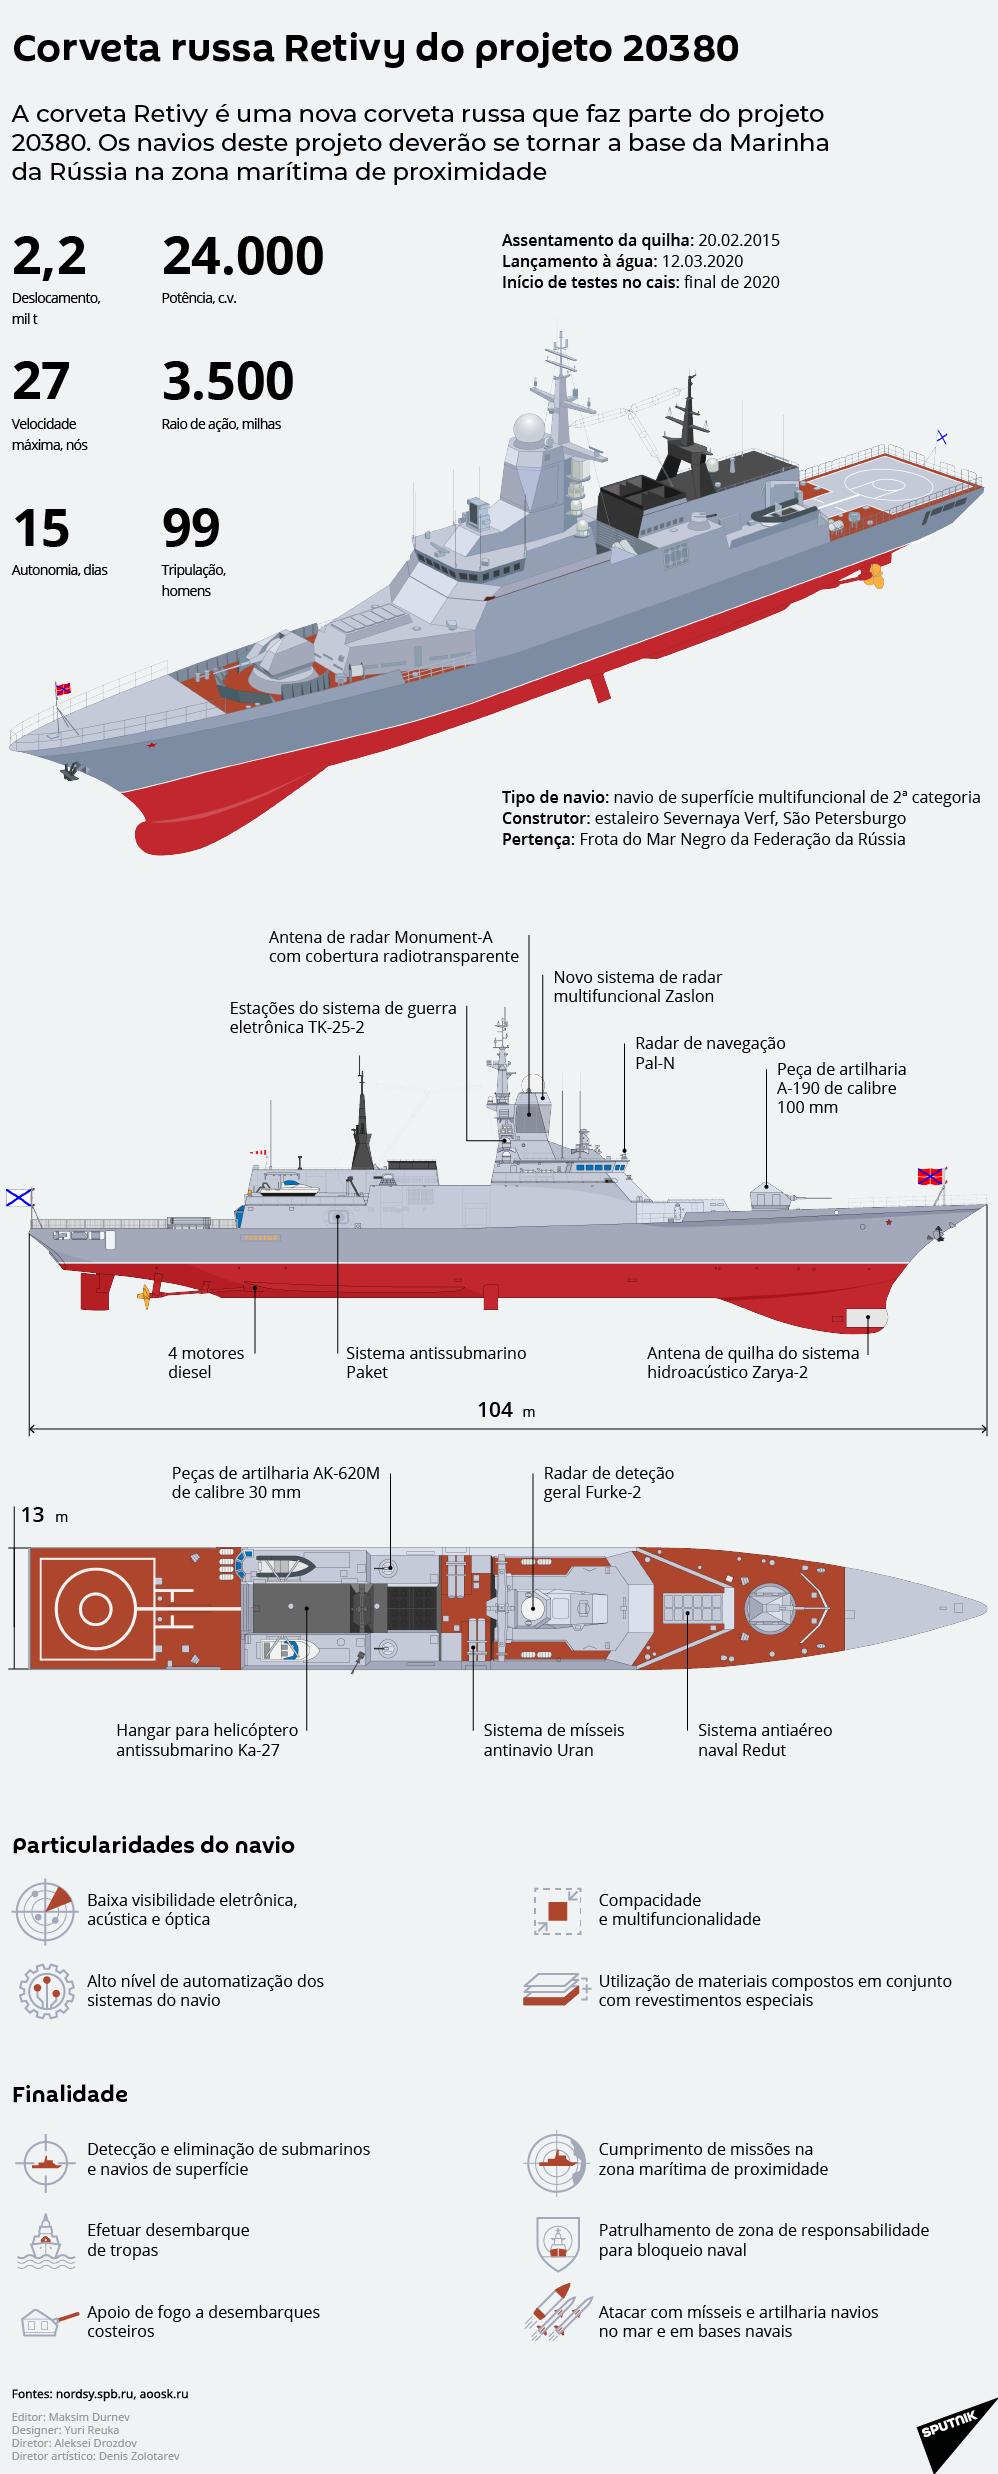 Novíssima corveta russa do projeto Retivy